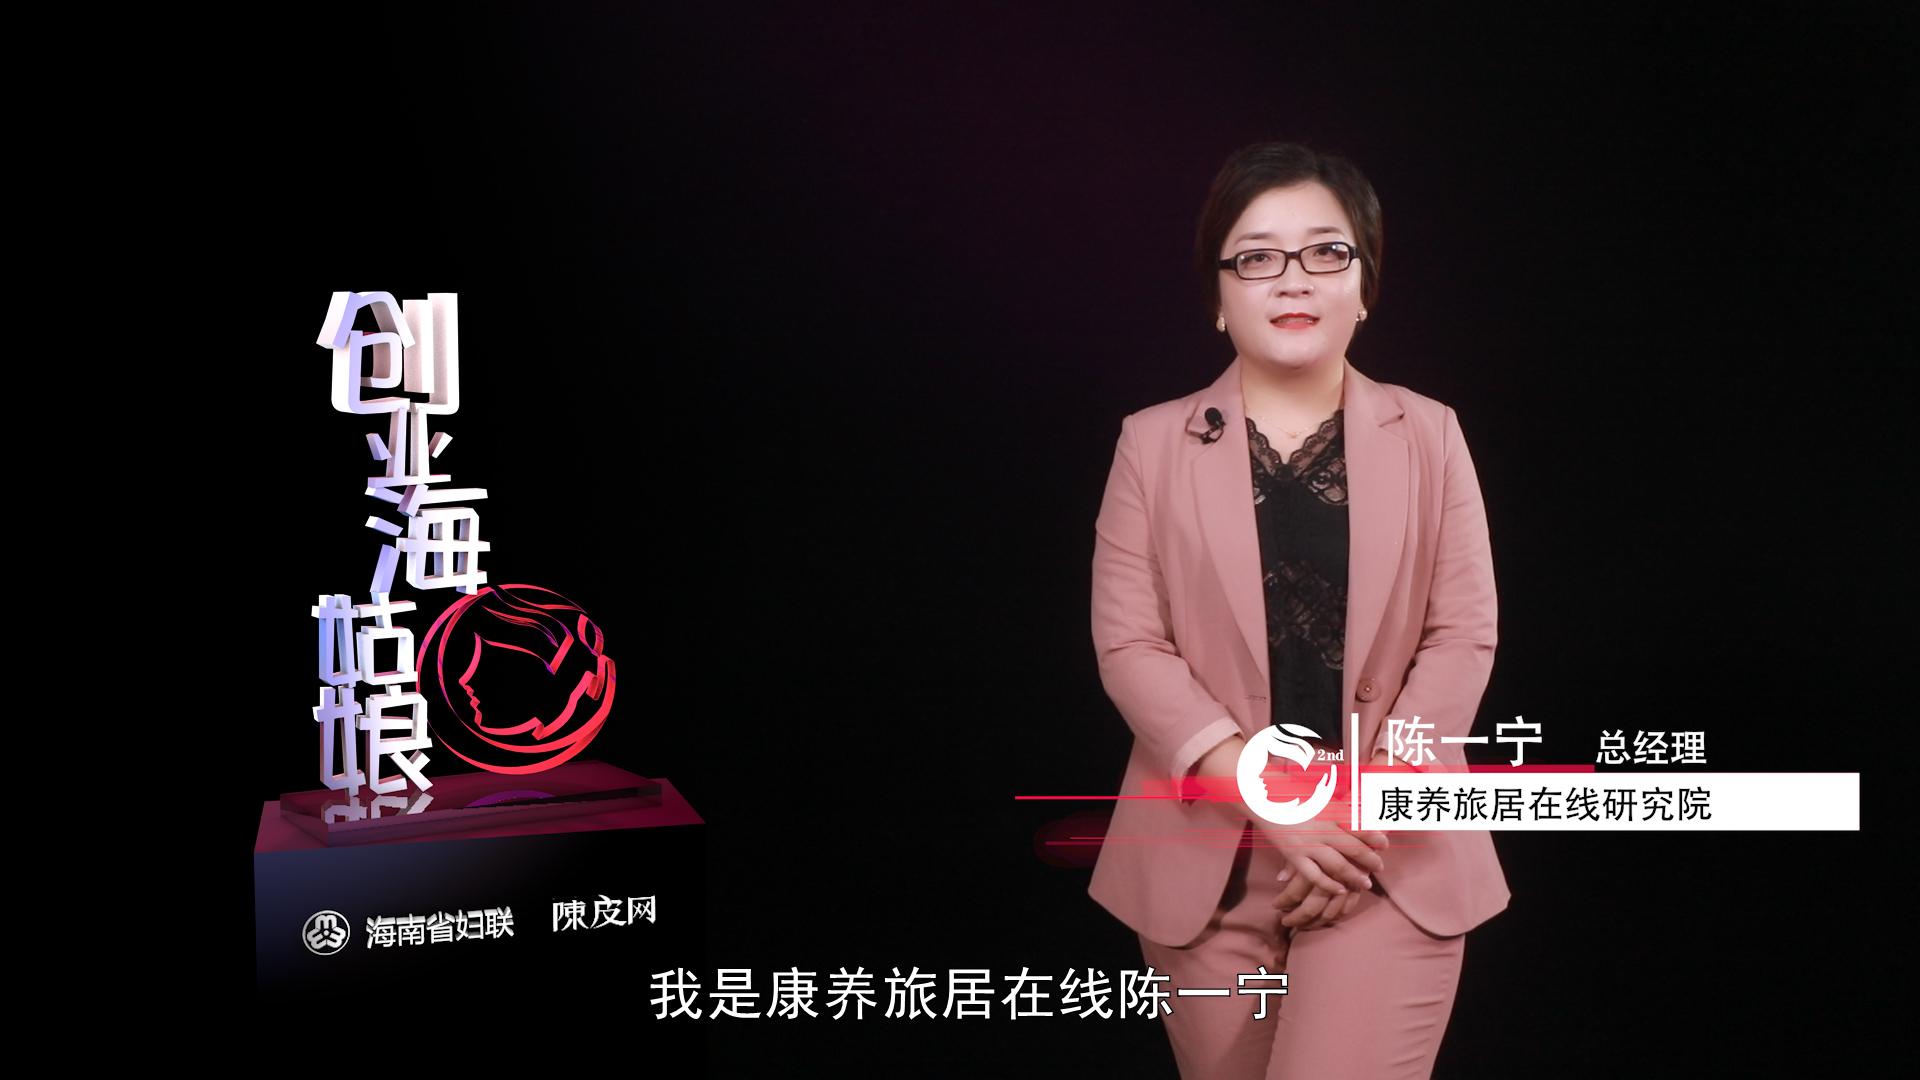 创业海姑娘|康养旅居陈一宁 做美好生活方式的代言人【陈皮网】